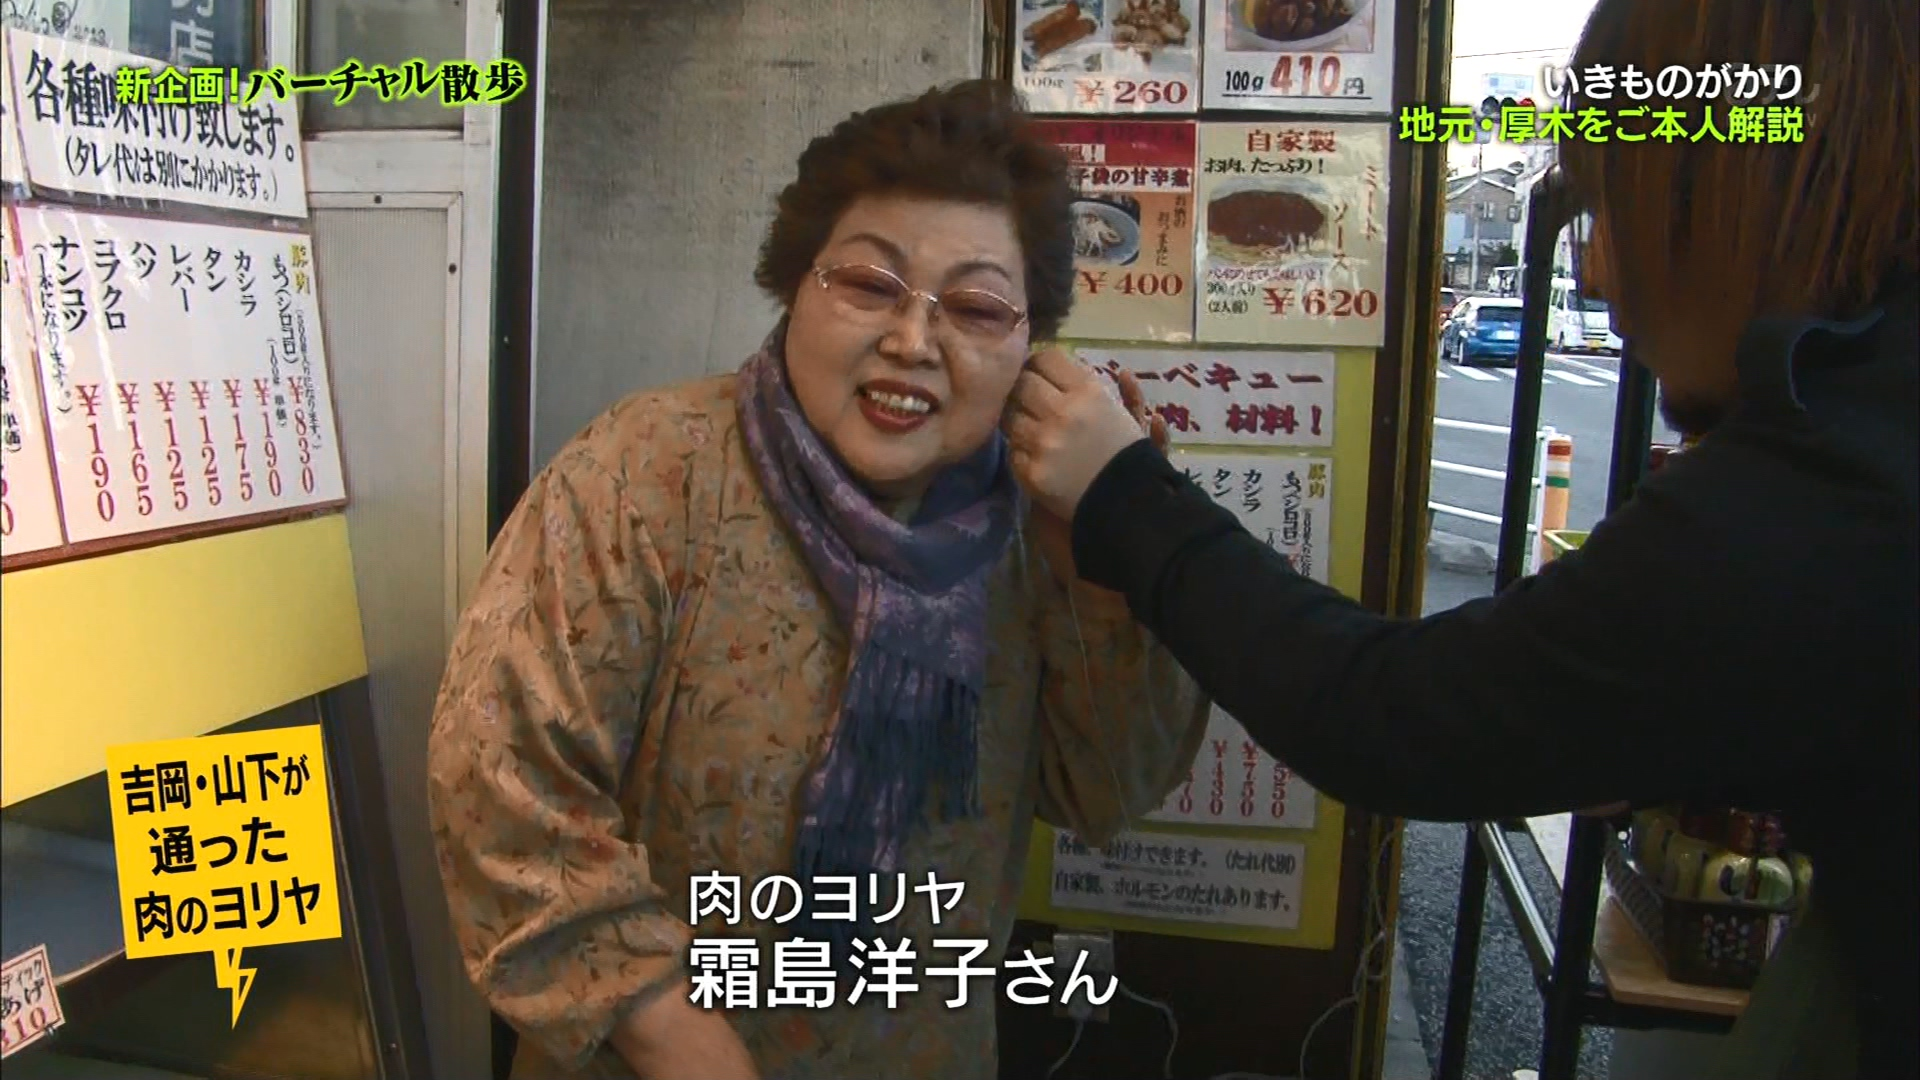 2016.03.11 全場(バズリズム).ts_20160312_014922.895